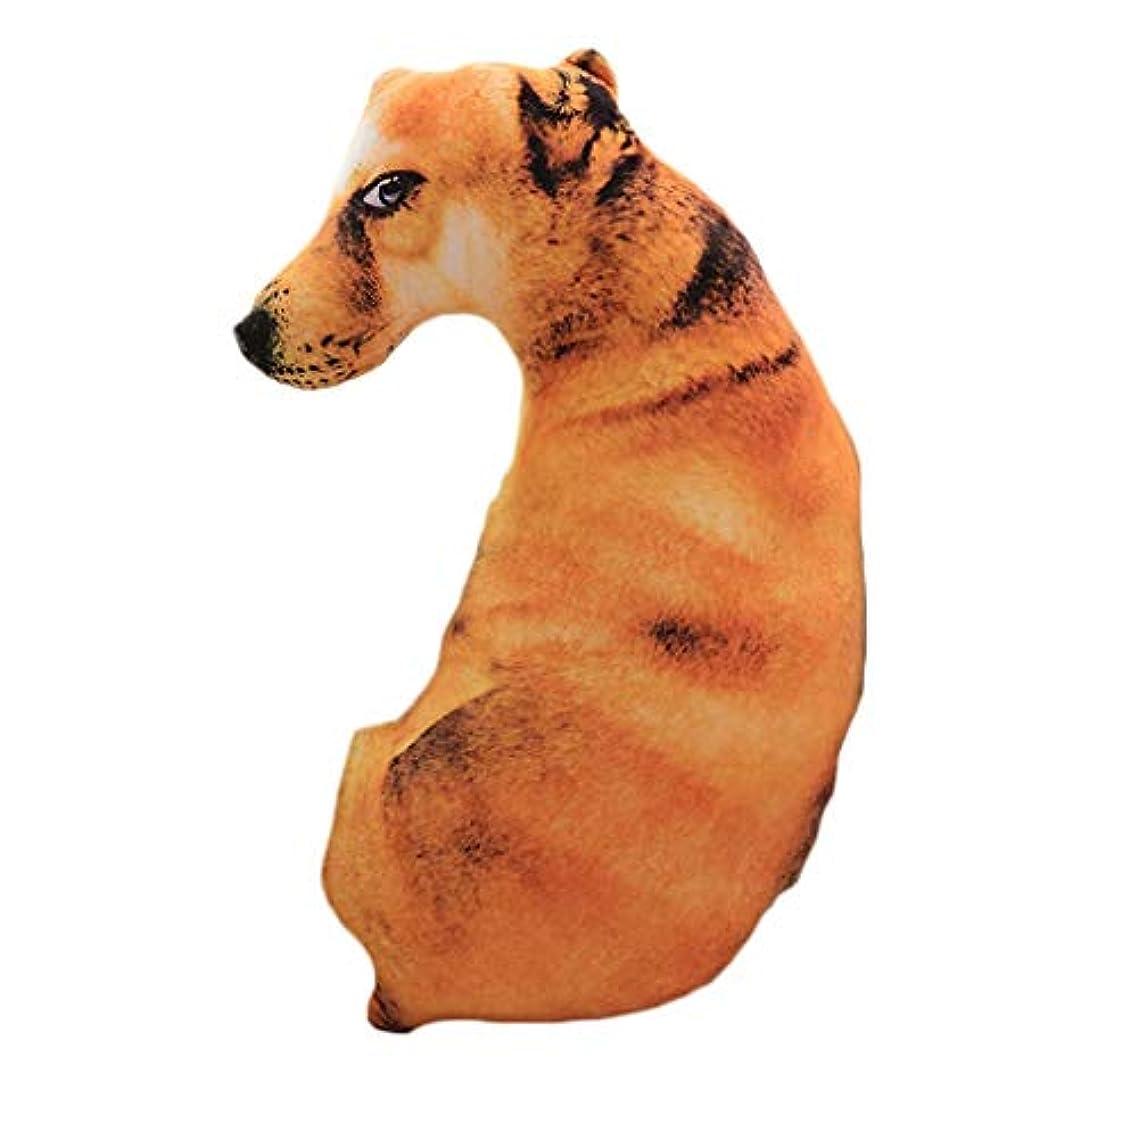 現像相対サイズソファーLIFE 装飾クッションソファおかしい 3D 犬印刷スロー枕創造クッションかわいいぬいぐるみギフト家の装飾 coussin decoratif クッション 椅子